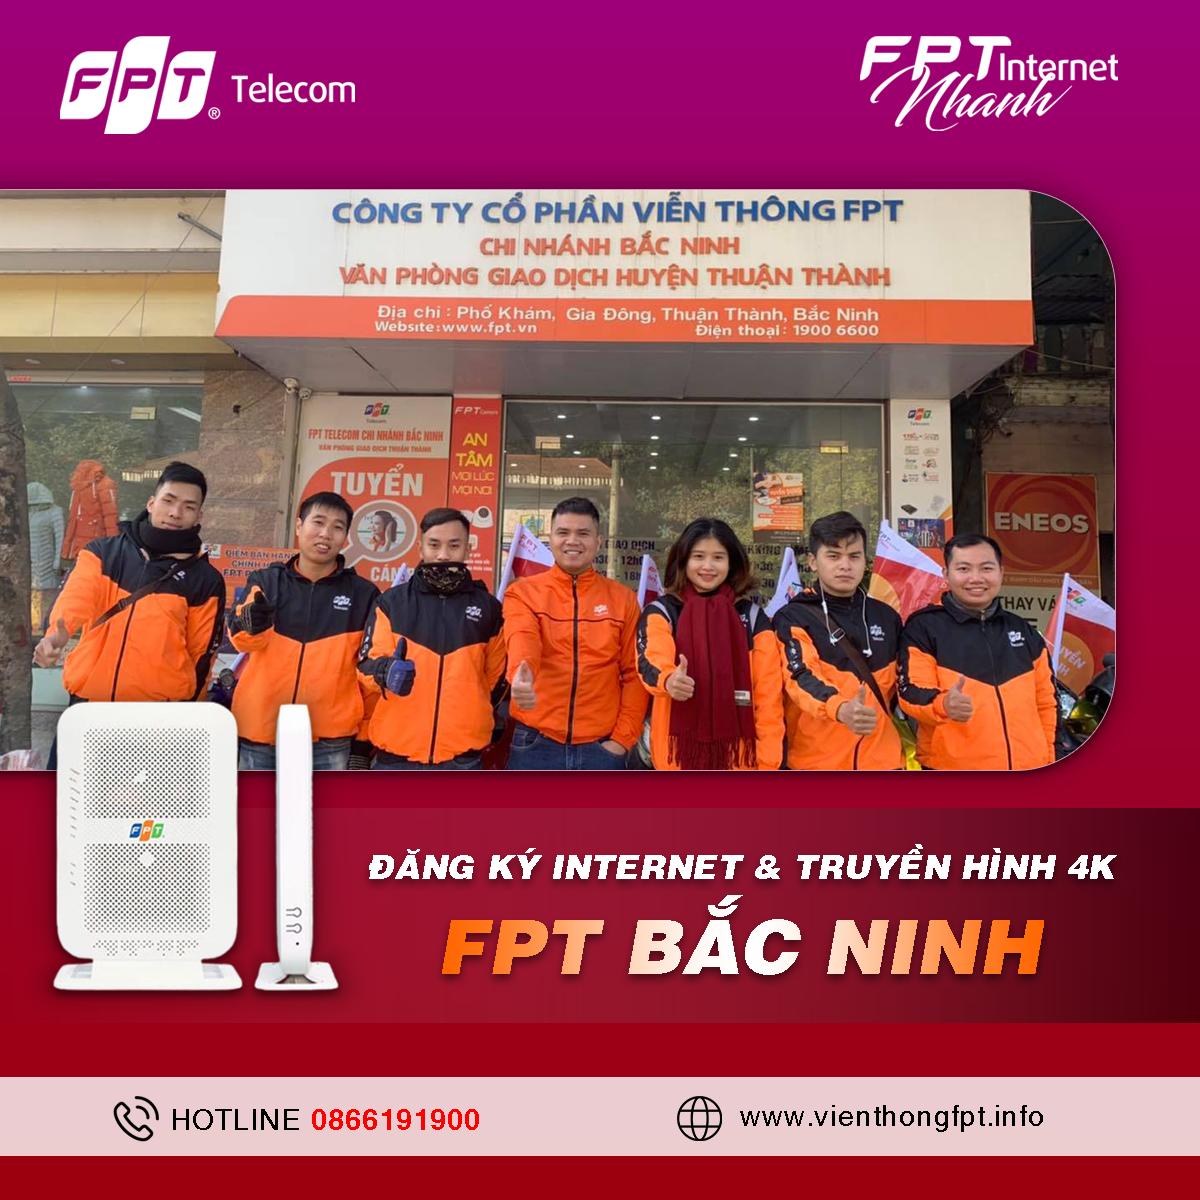 Đăng ký Internet FPT Bắc Ninh - Miễn phí hòa mạng - Tặng 2 tháng cước